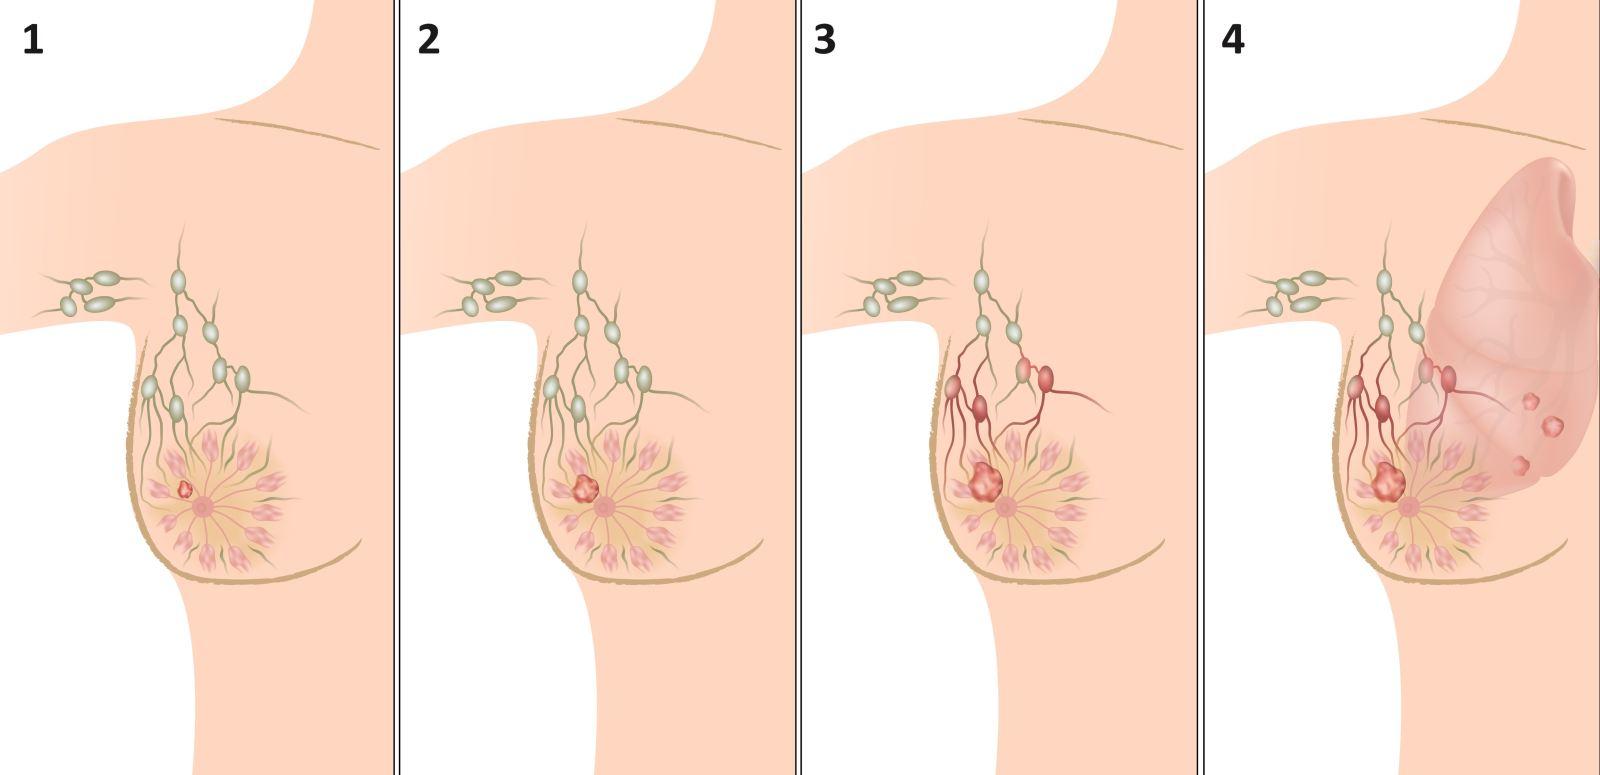 Стадии рака молочной железы классификация лечение